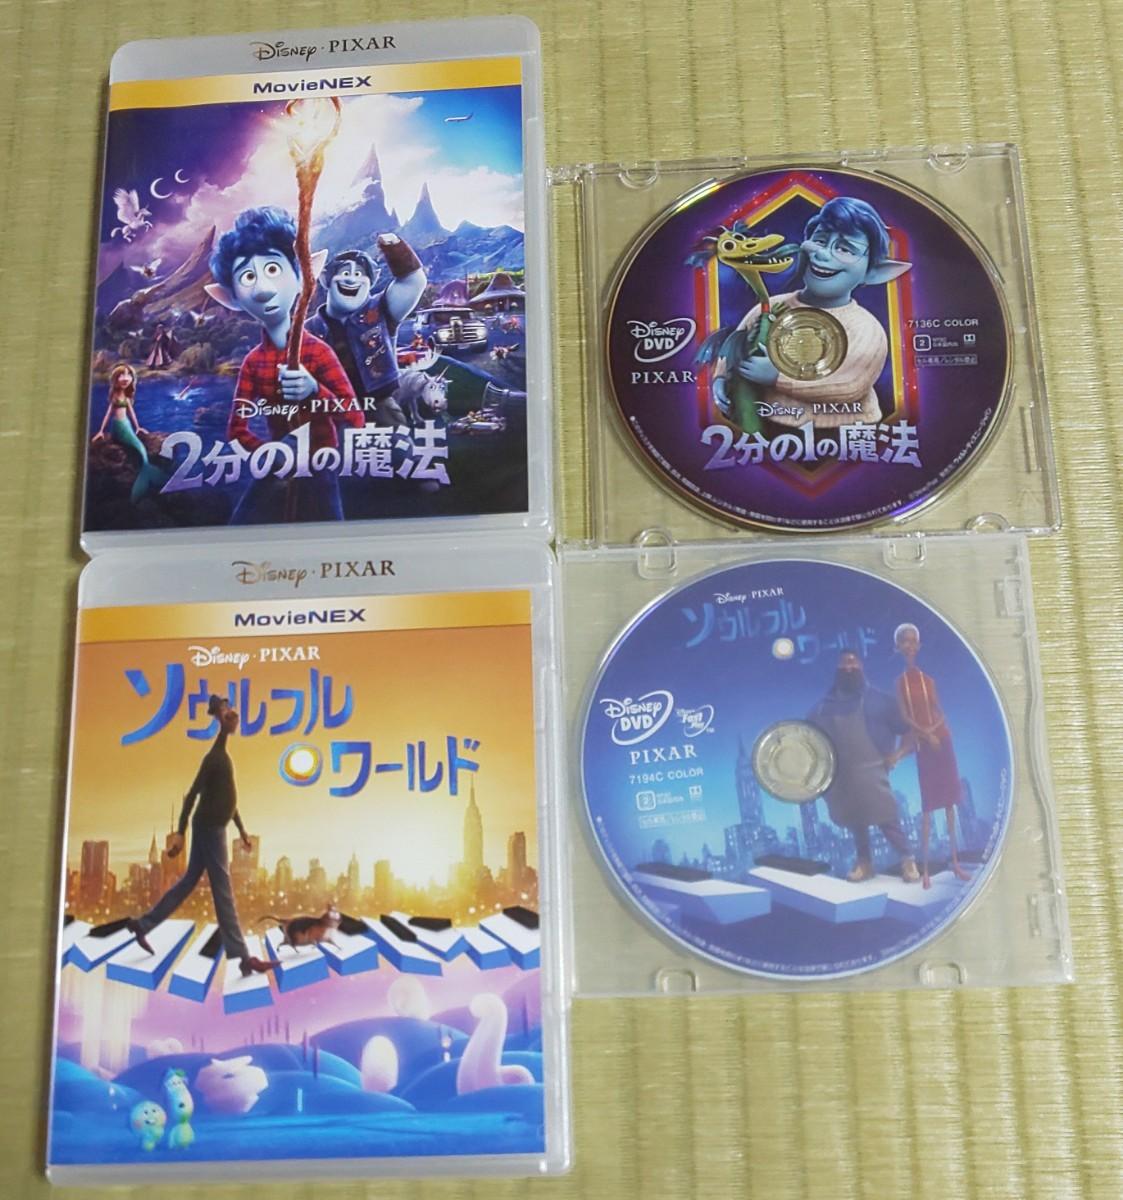 DVD ソウルフルワールド 2分の1の魔法 ディズニー MovieNEX ピクサー Pixar 2点セット